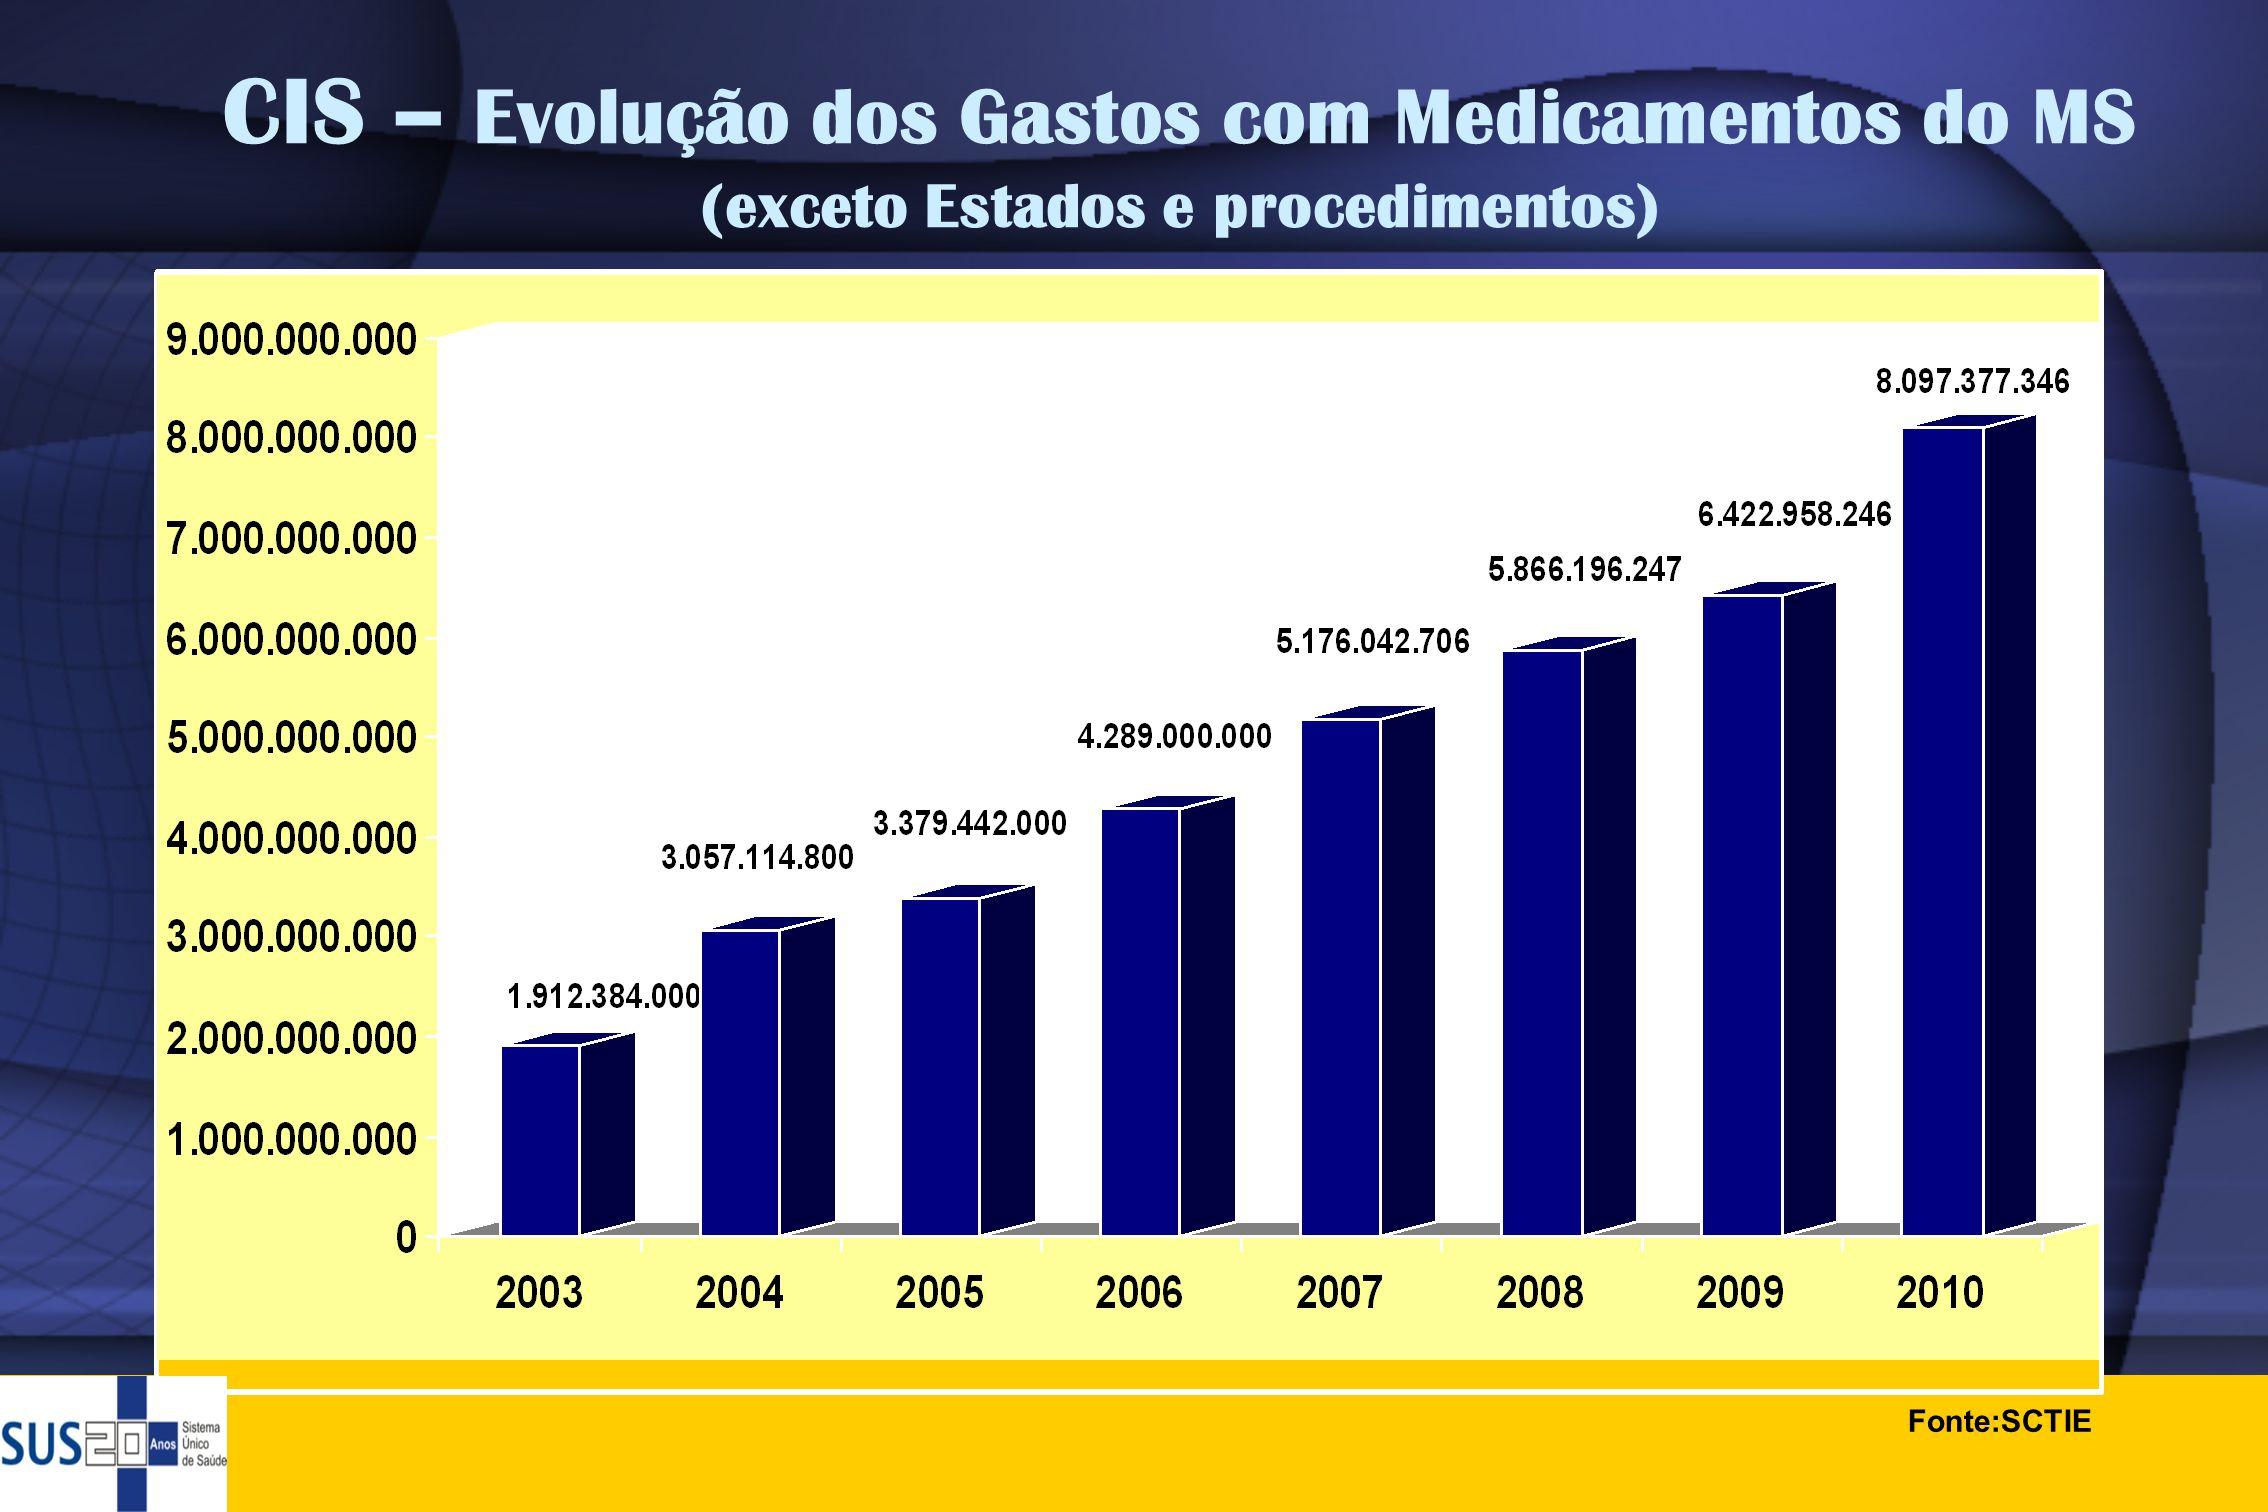 CIS – Evolução dos Gastos com Medicamentos do MS (exceto Estados e procedimentos)